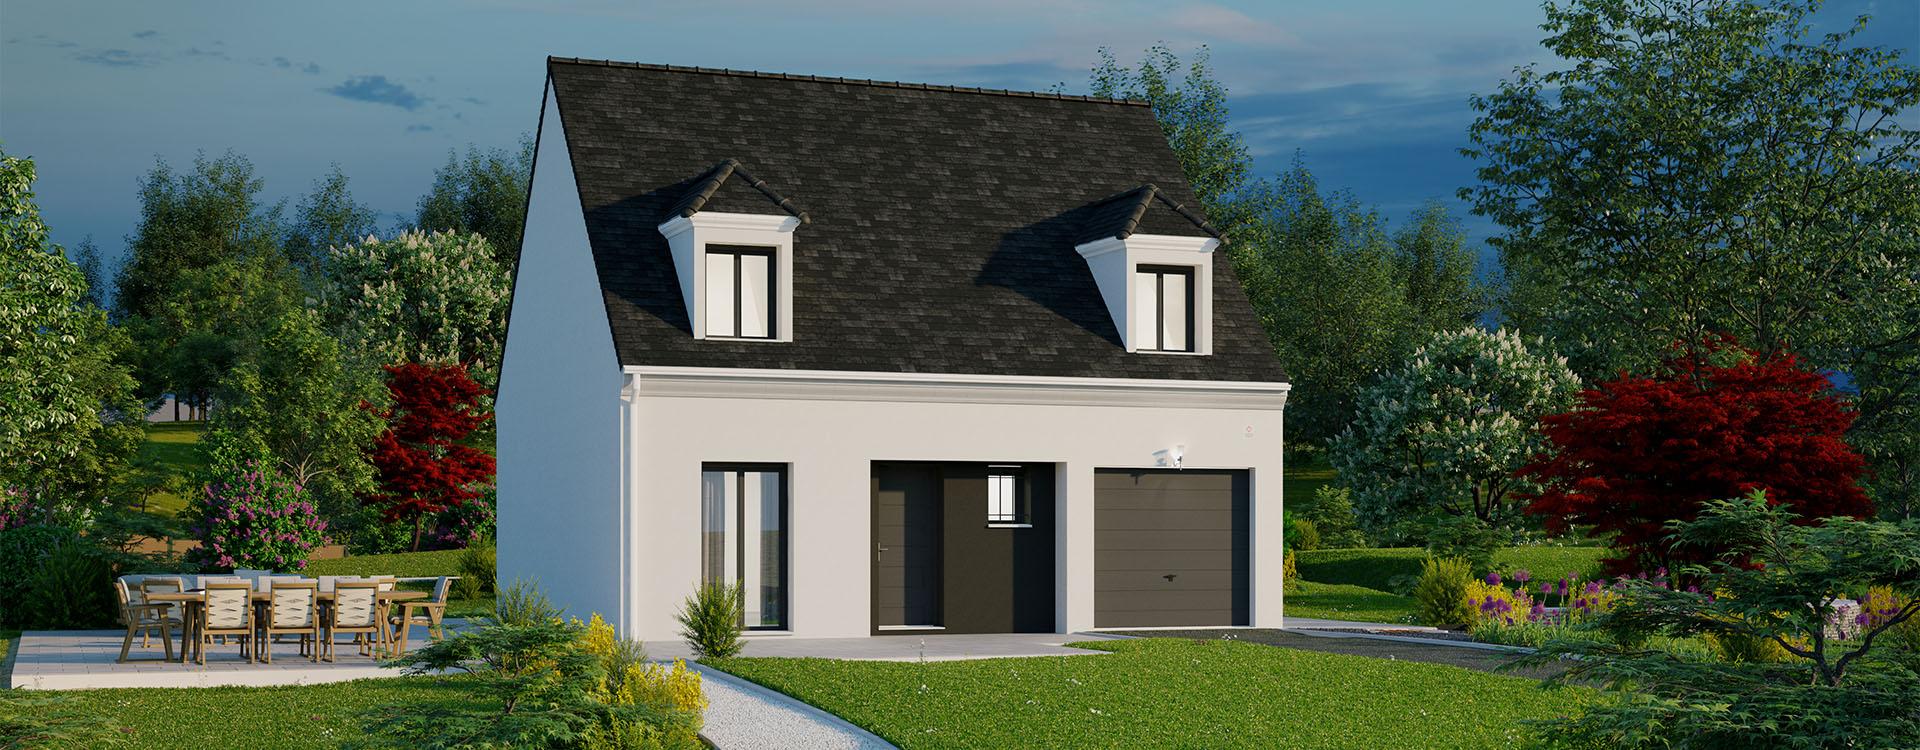 Maisons du constructeur MAISONS PIERRE MONTEVRAIN • 94 m² • TOURNAN EN BRIE